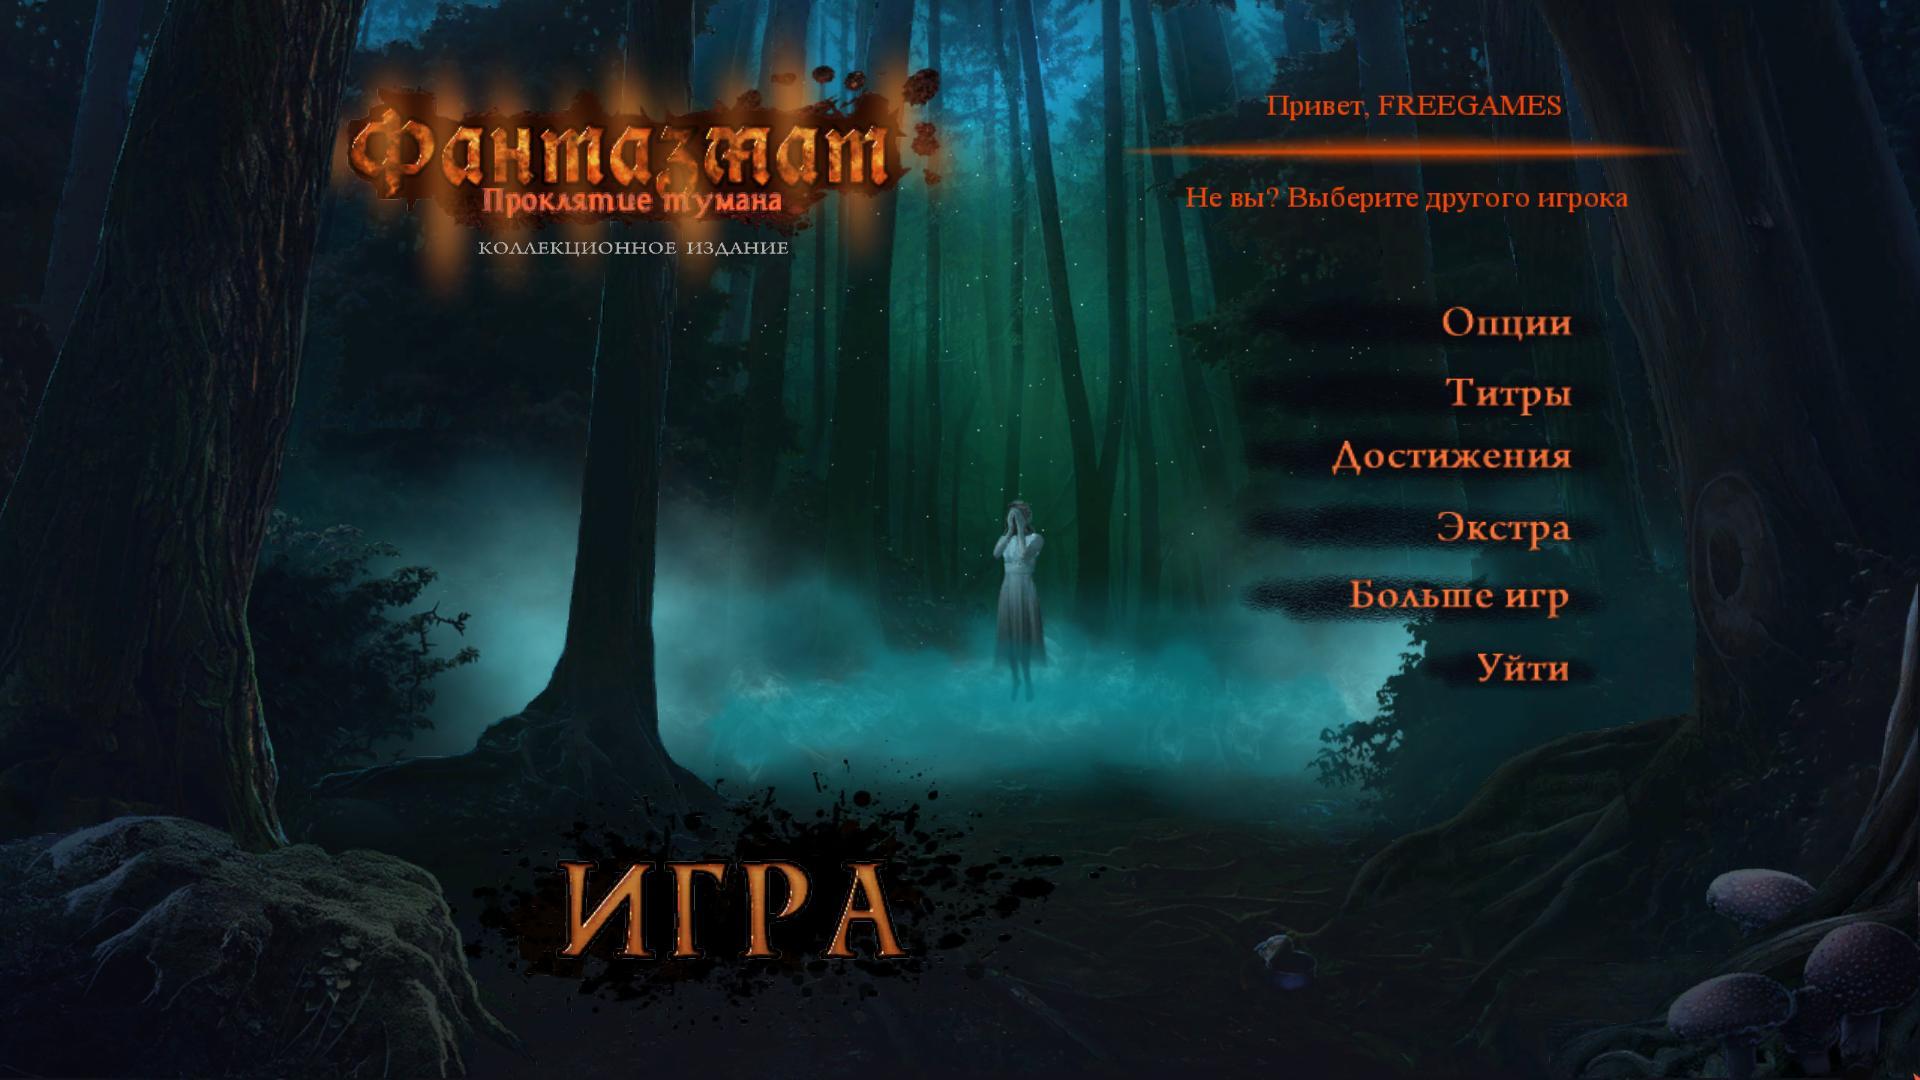 Фантазмат 10: Проклятие тумана. Коллекционное издание | Phantasmat 10: Curse of the Mist CE (Rus)